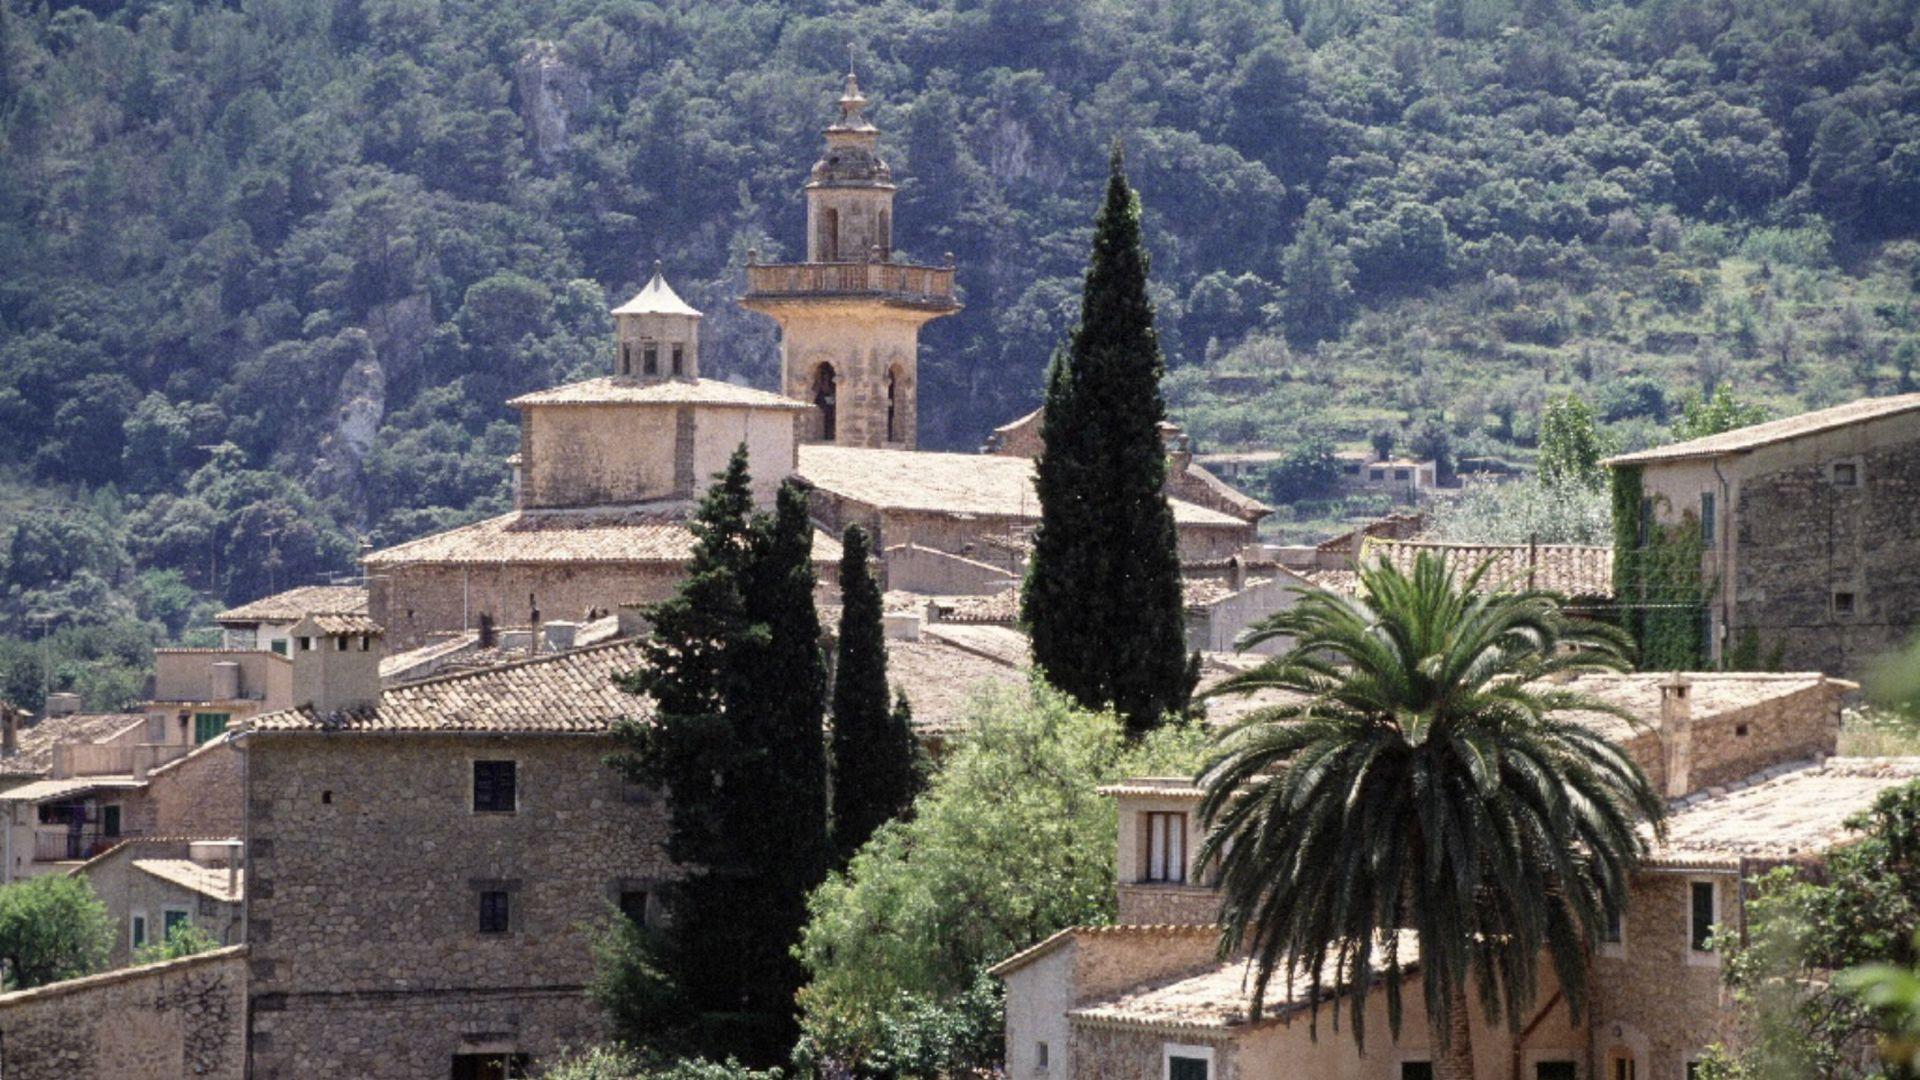 Imagen Monumental ensemble Reial Cartoixa de Valldemossa